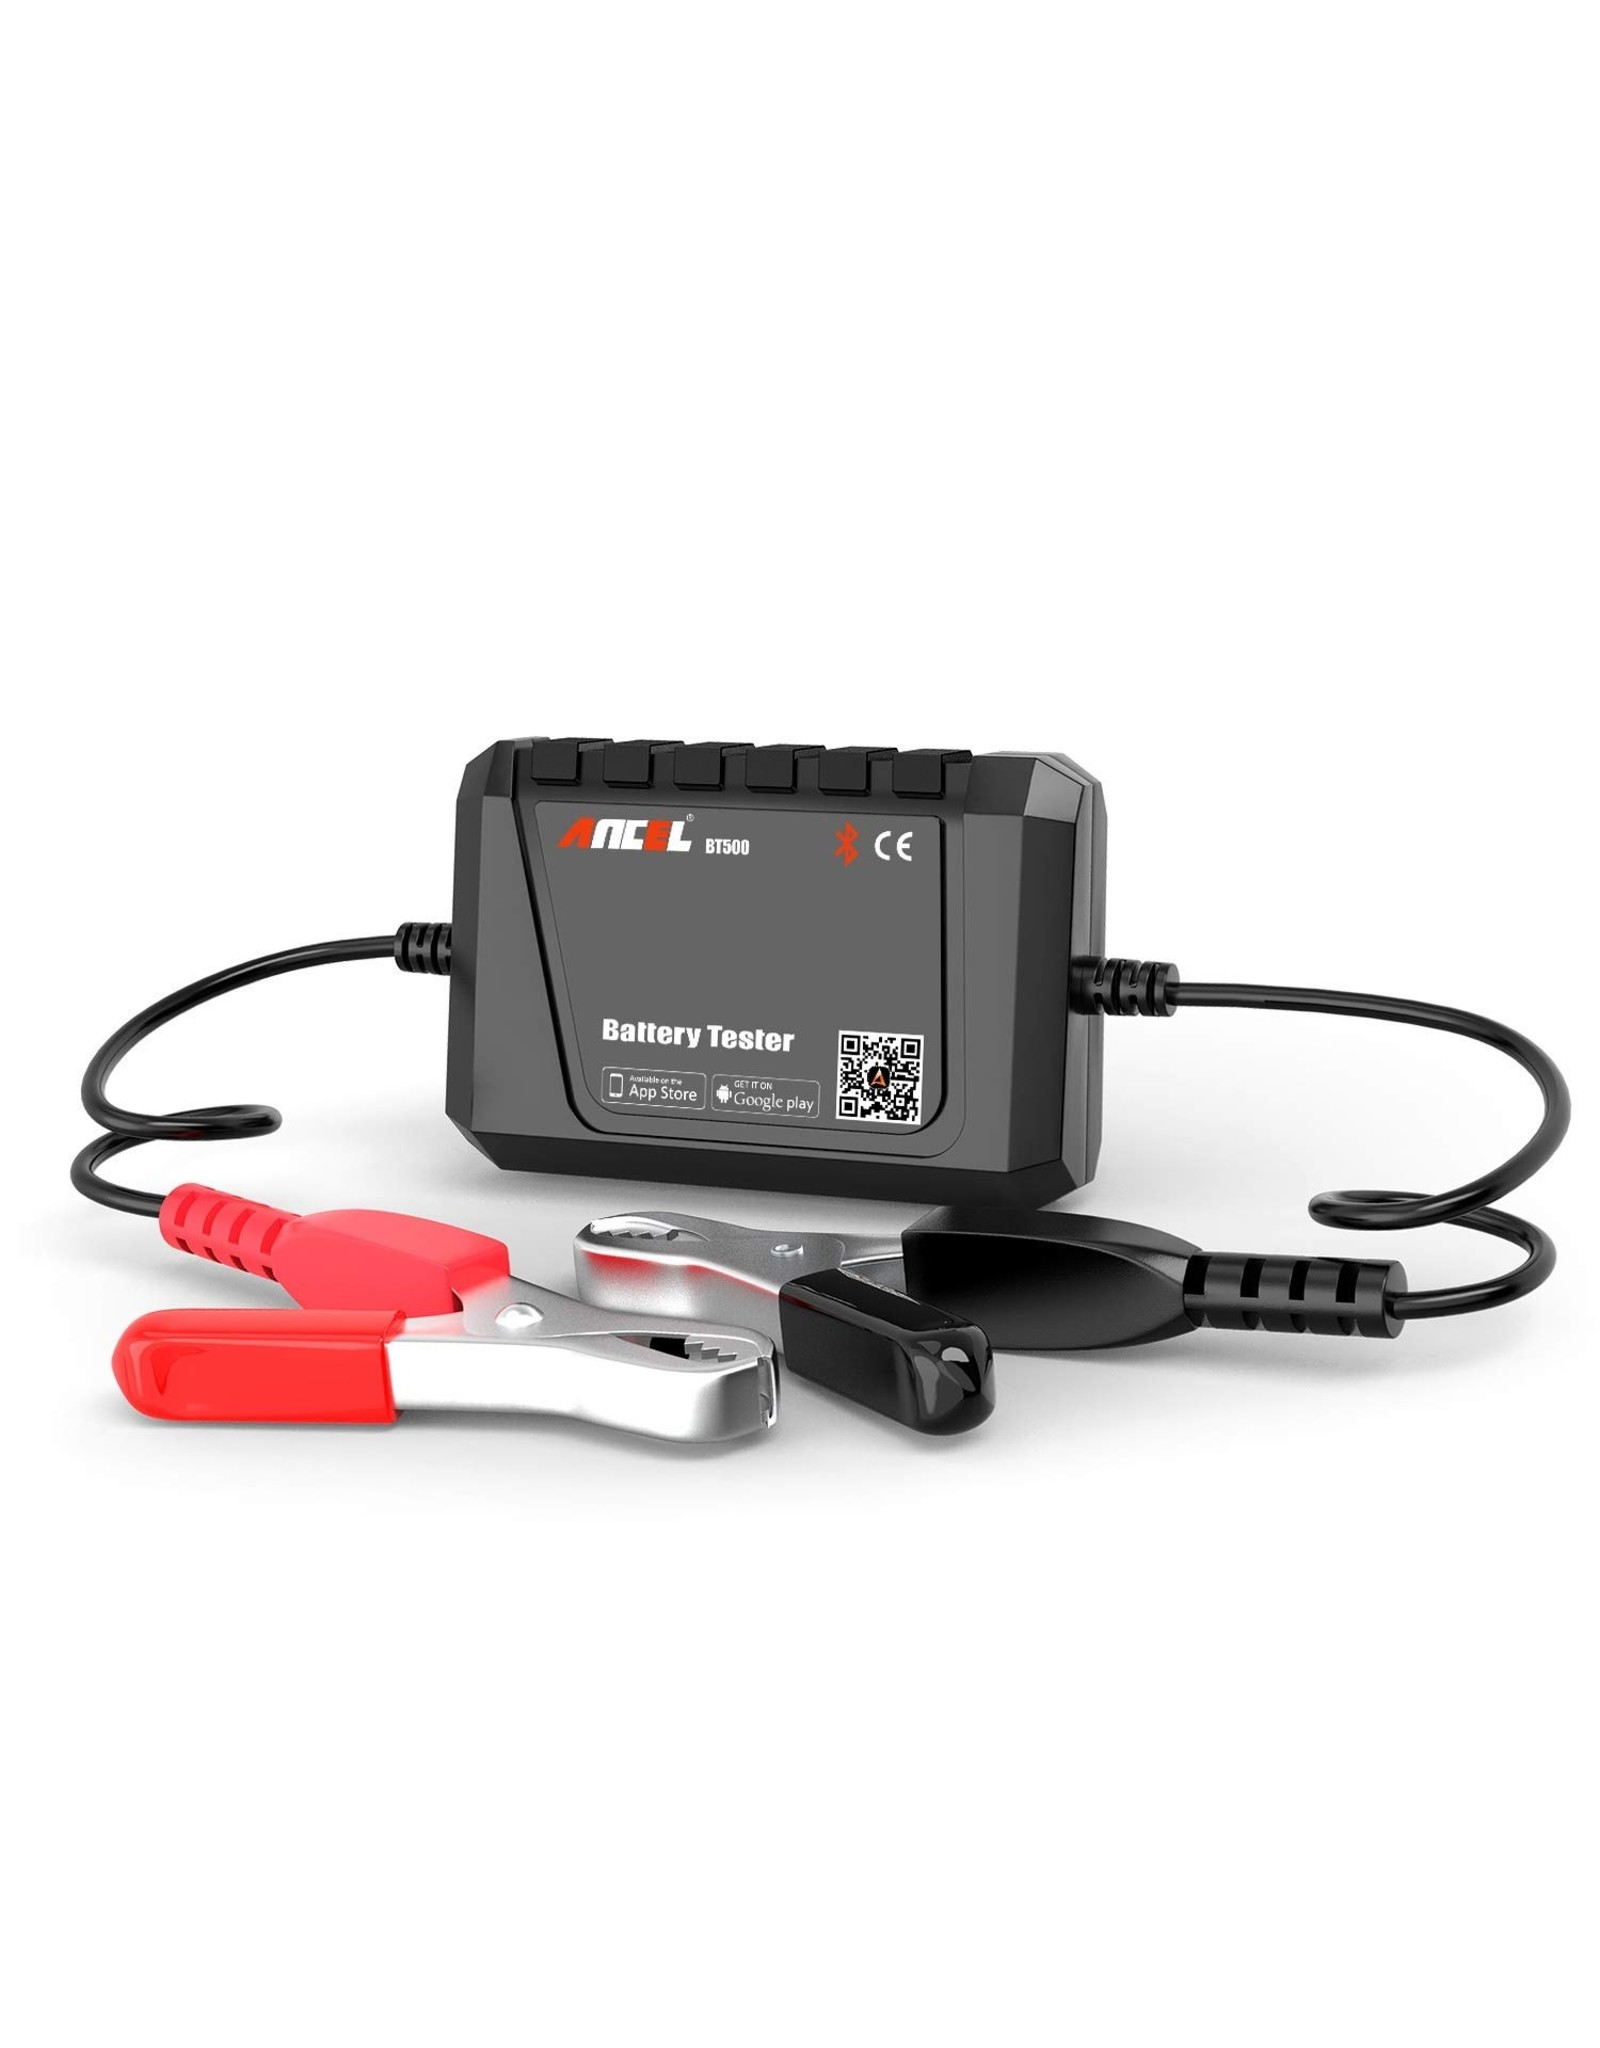 ANCEL BT500 Auto Batterij Tester Bluetooth 12V Auto Elektrische Circuit Zwengelbelasting Test Analyzer Opladen Tester Voor Android/IOS